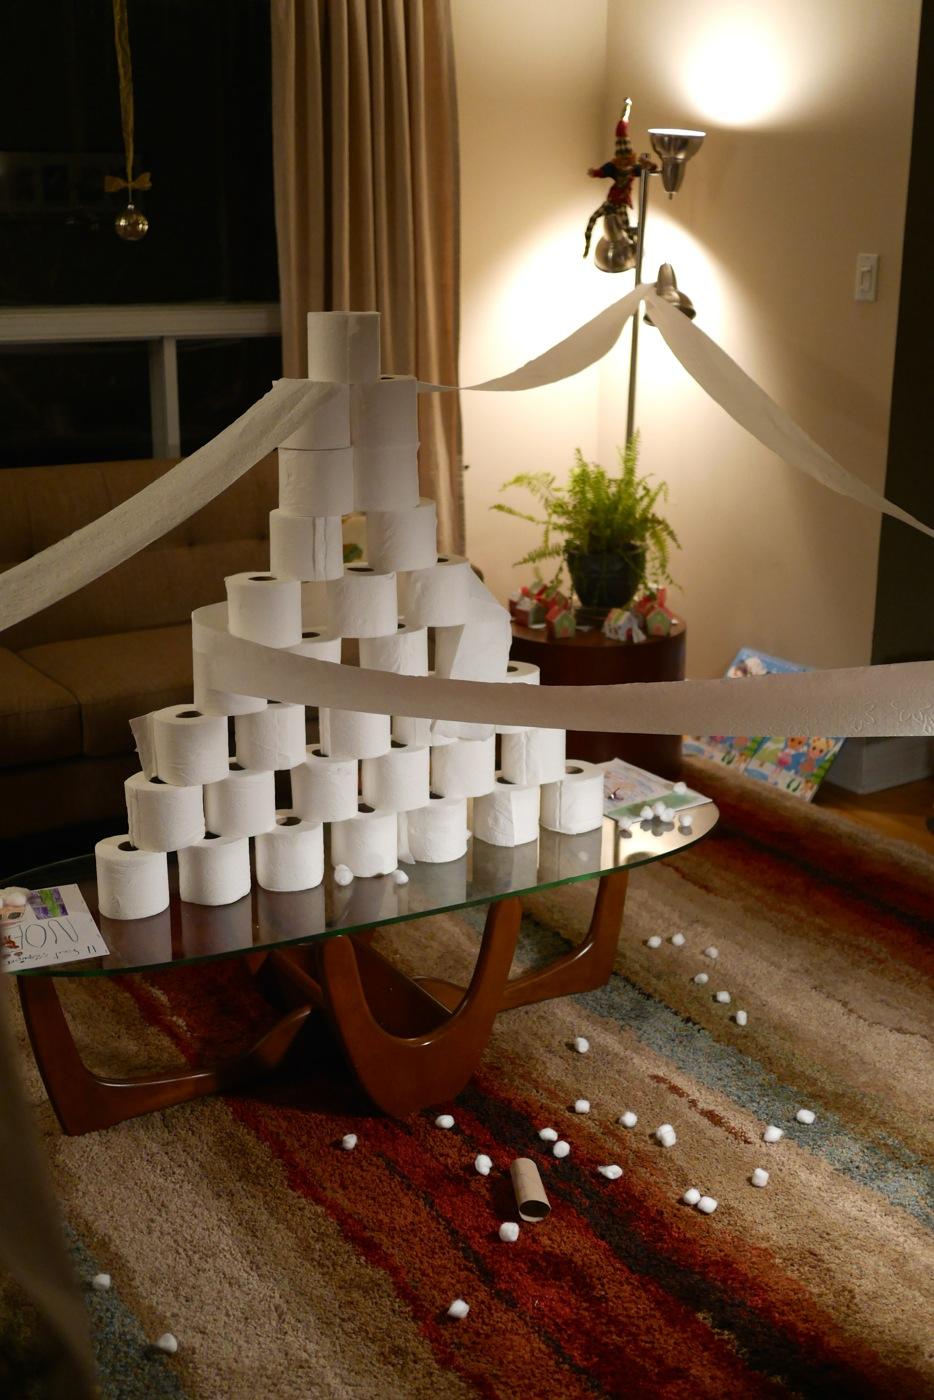 Les rouleau de papier de toilette: plein de potentiel pour les lutins!